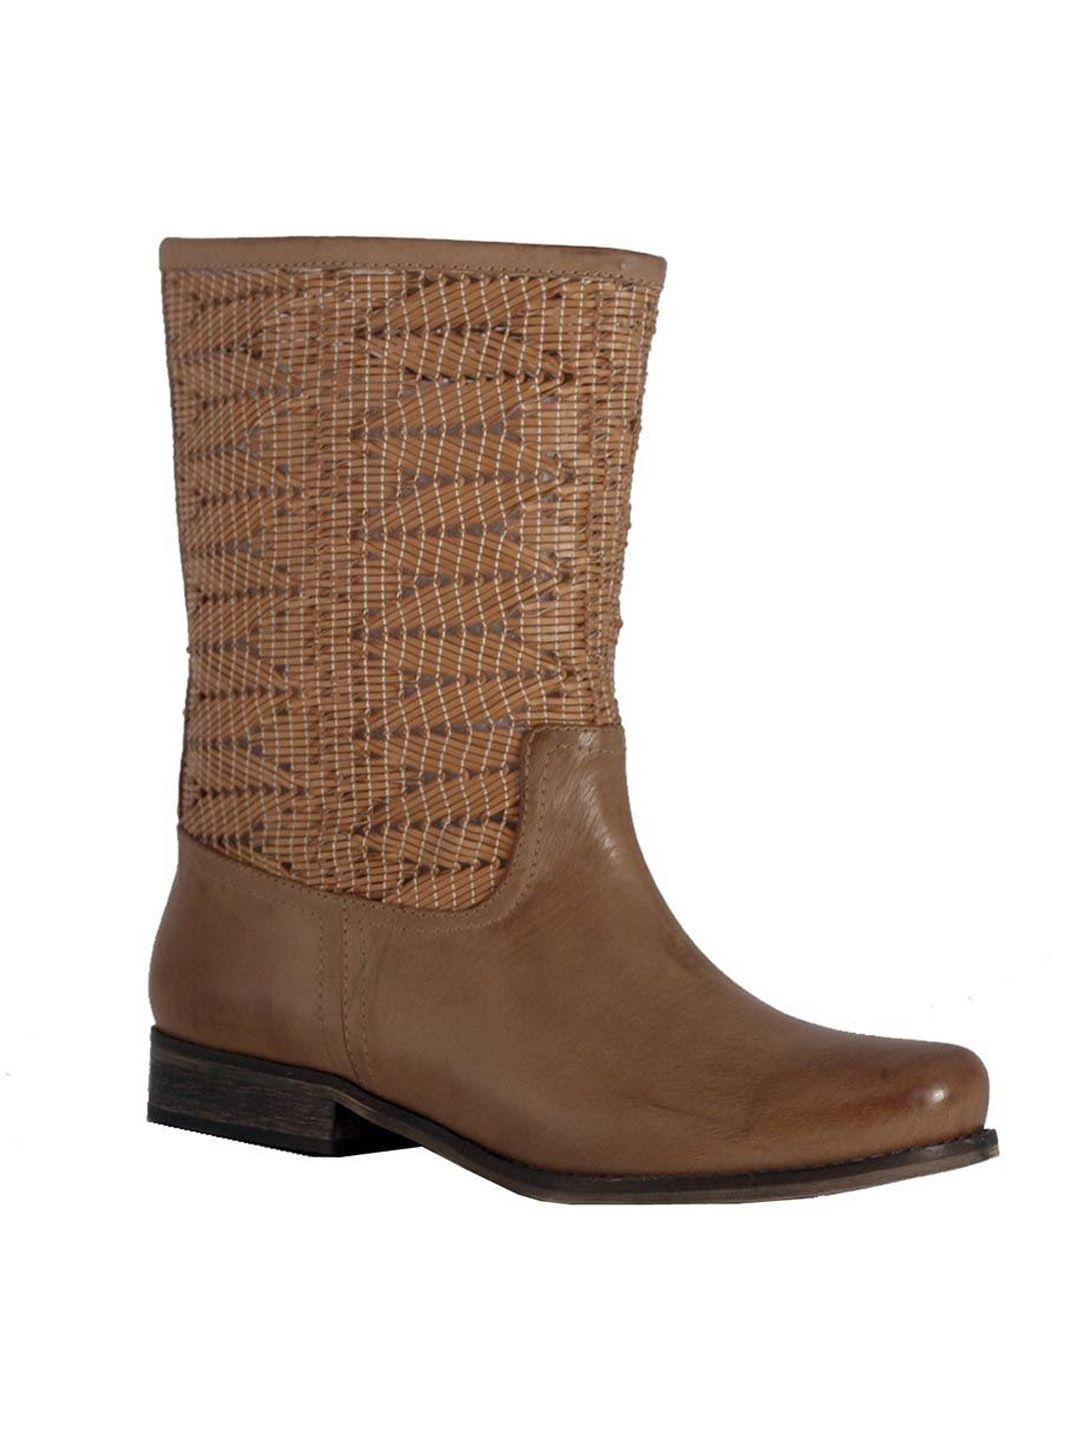 حذاء بوت جزمة باللون البني ورسم الأفعى يزينها من الأعلى موضة خريفية مميزة على موقع سر للتسوق Www Sukar Com Boots Shoes Fashion